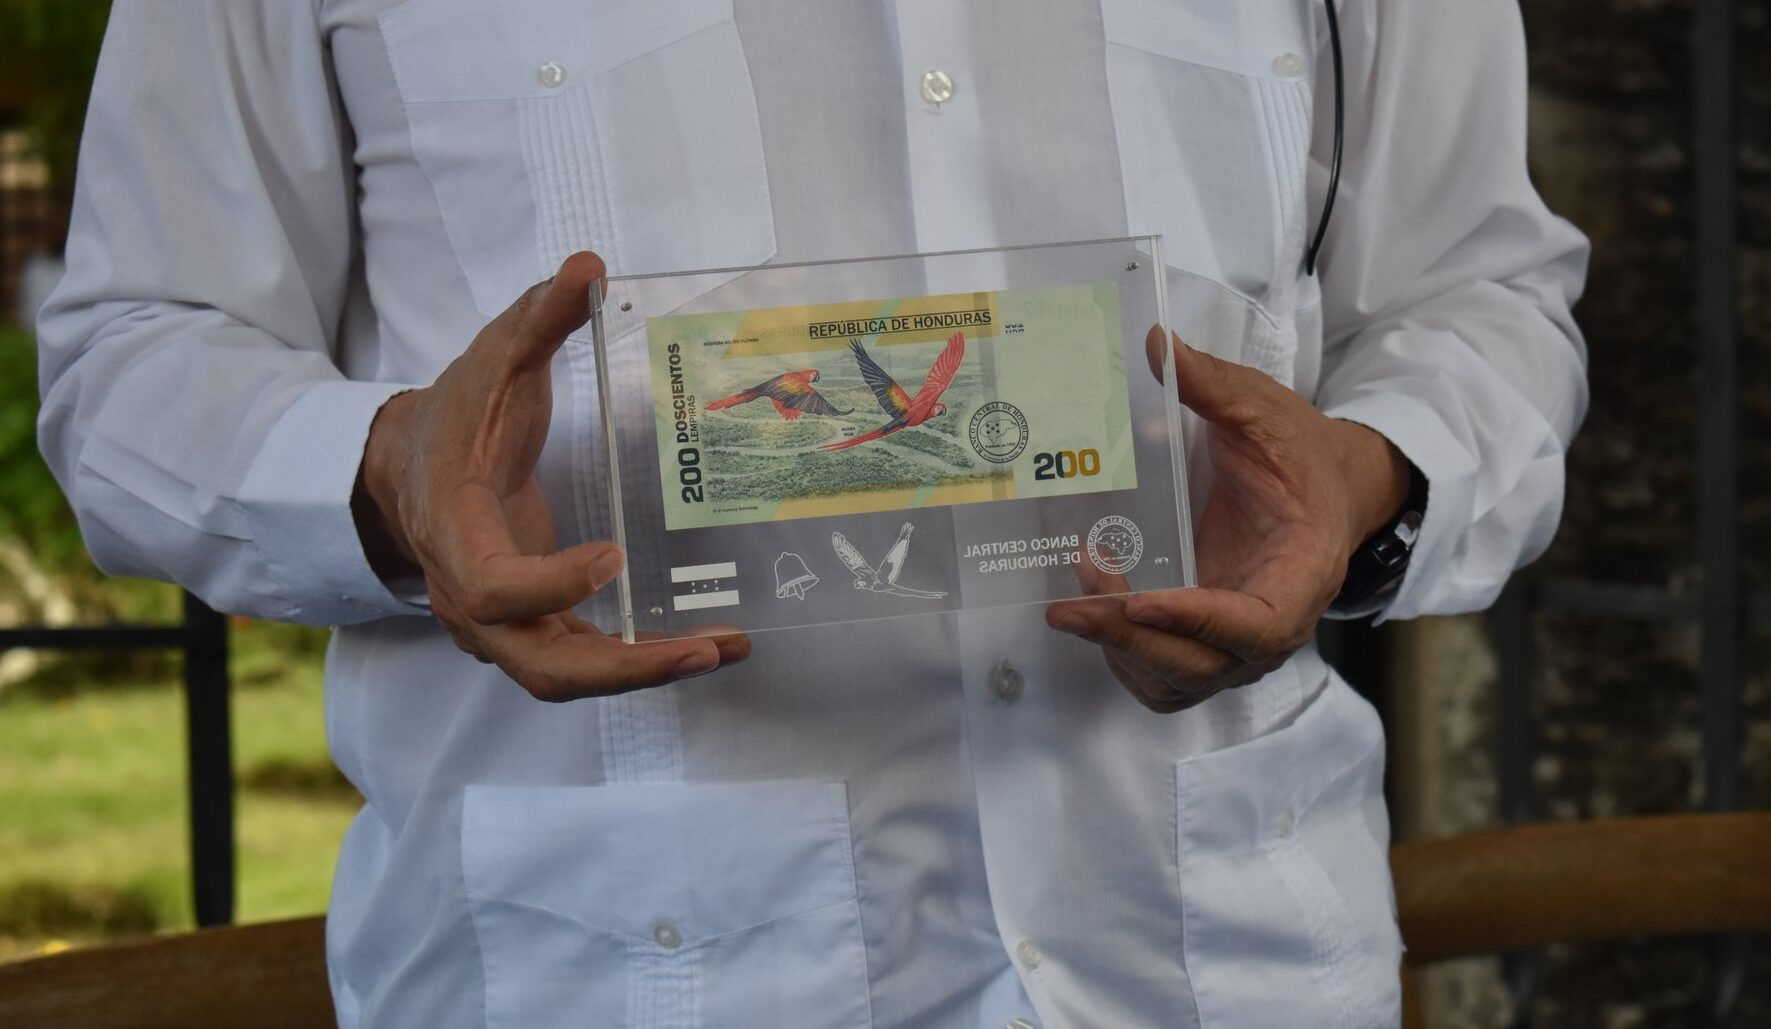 Desde este miércoles 01 de septiembre comenzará a circular nuevo billete de 200 lempiras